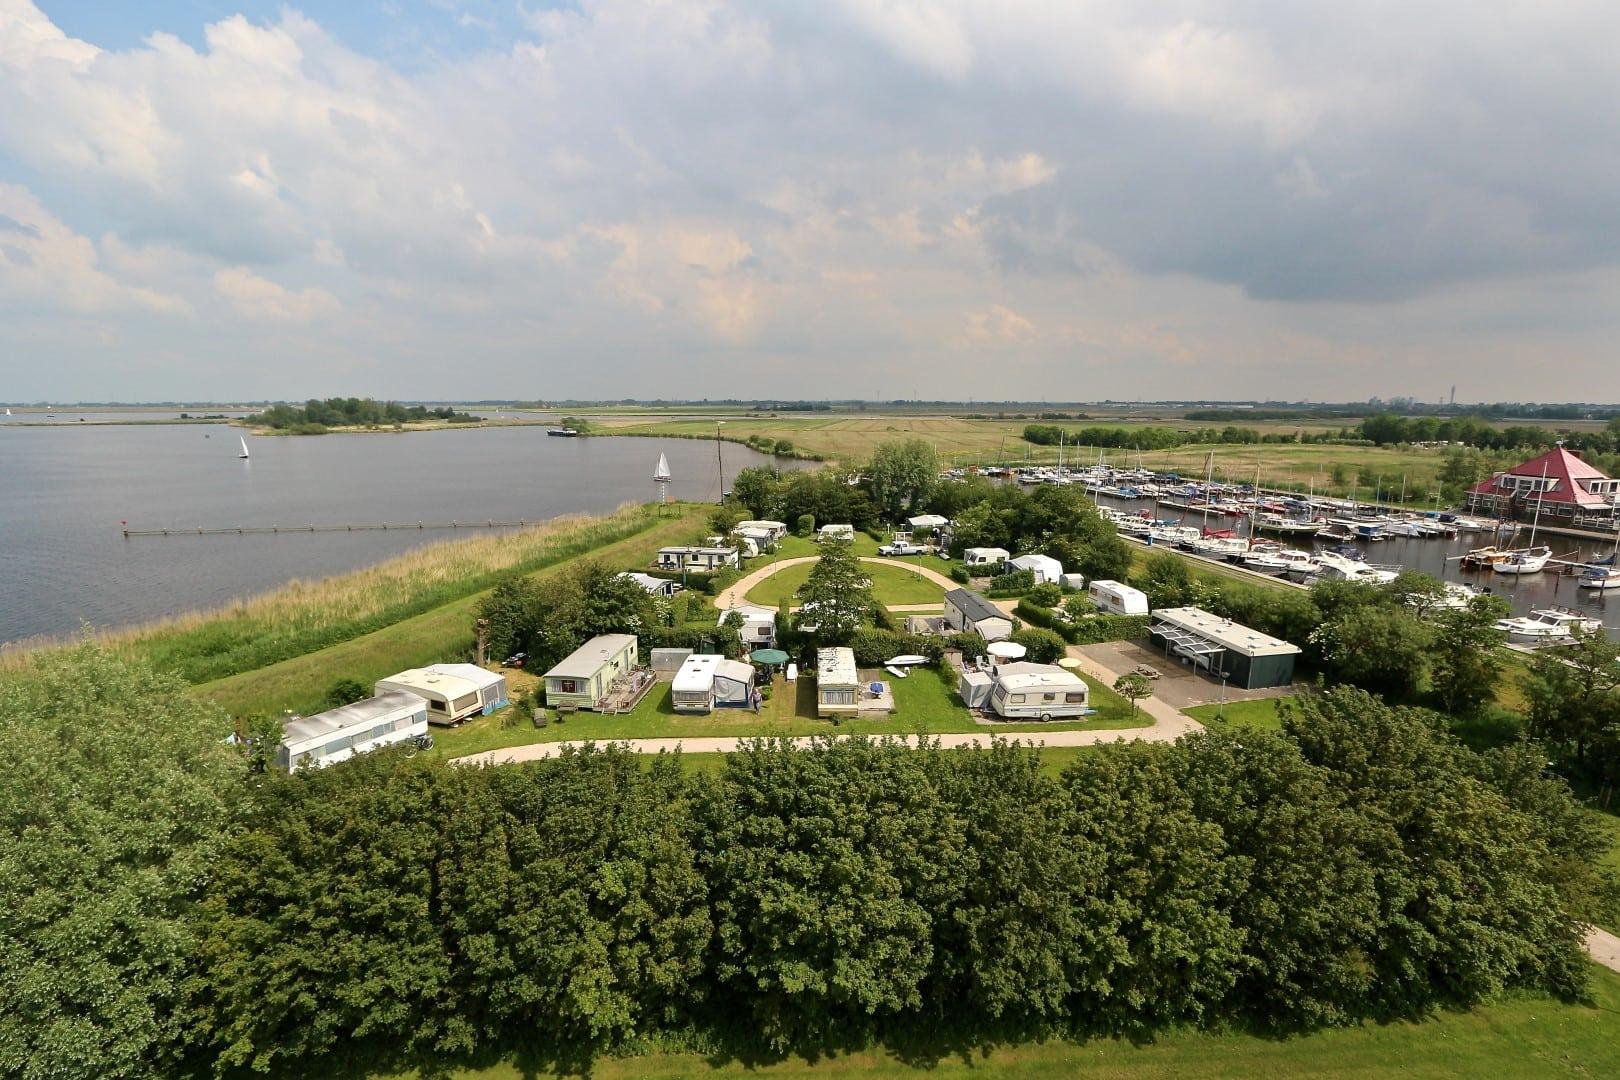 Camping Zwaansmeerpolder aan het Uitgeestermeer